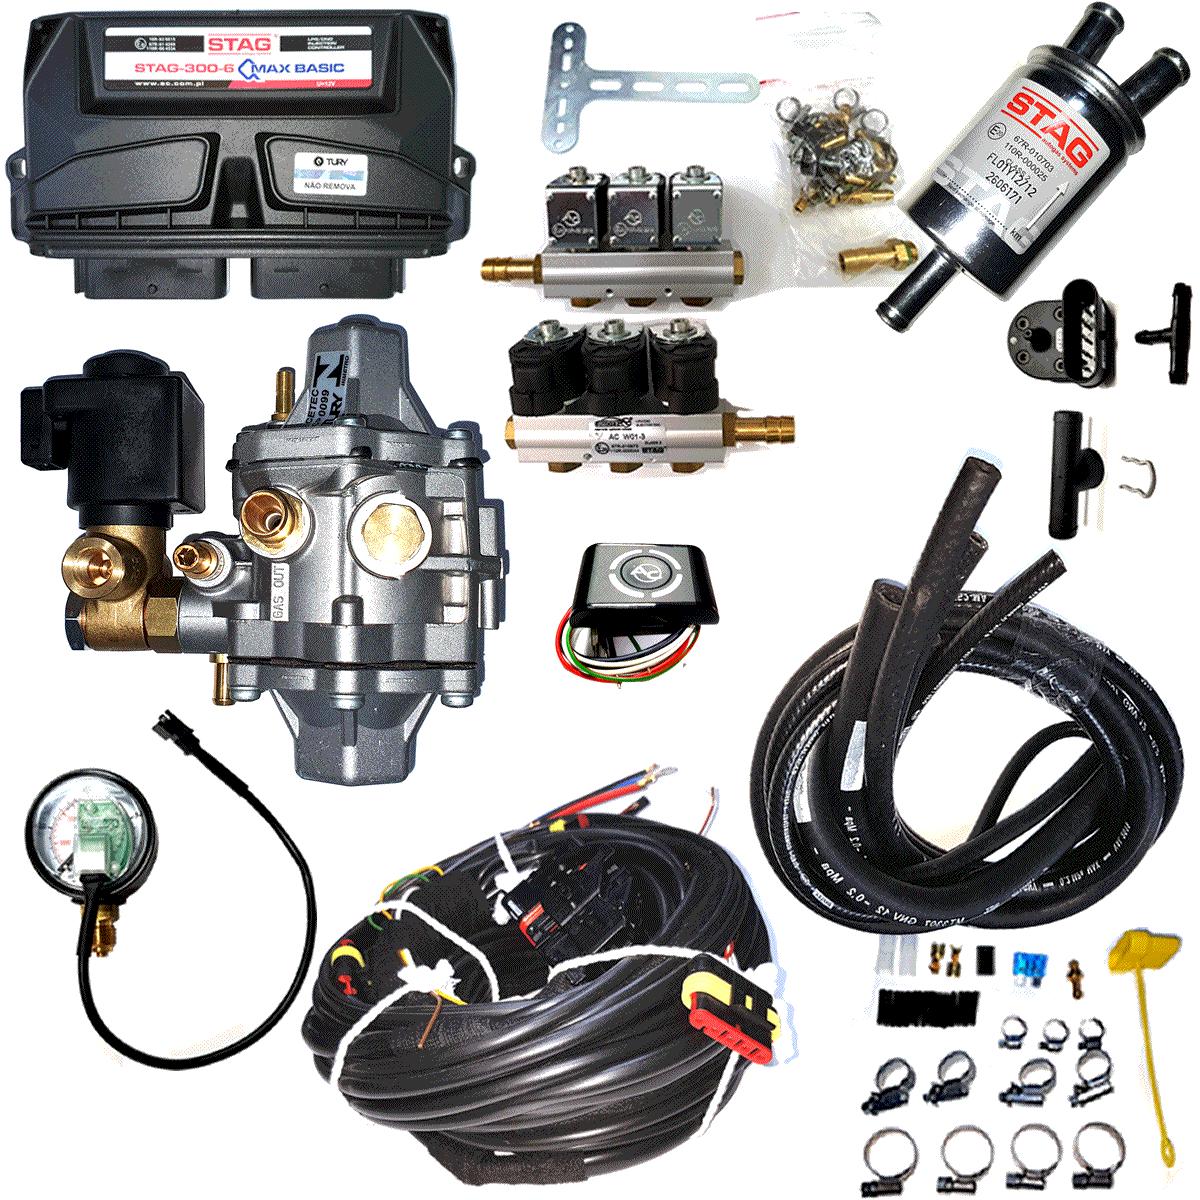 Kit 5ª Geração GNV 6 Cilindros STAG QMAX 300-6 TURY GAS